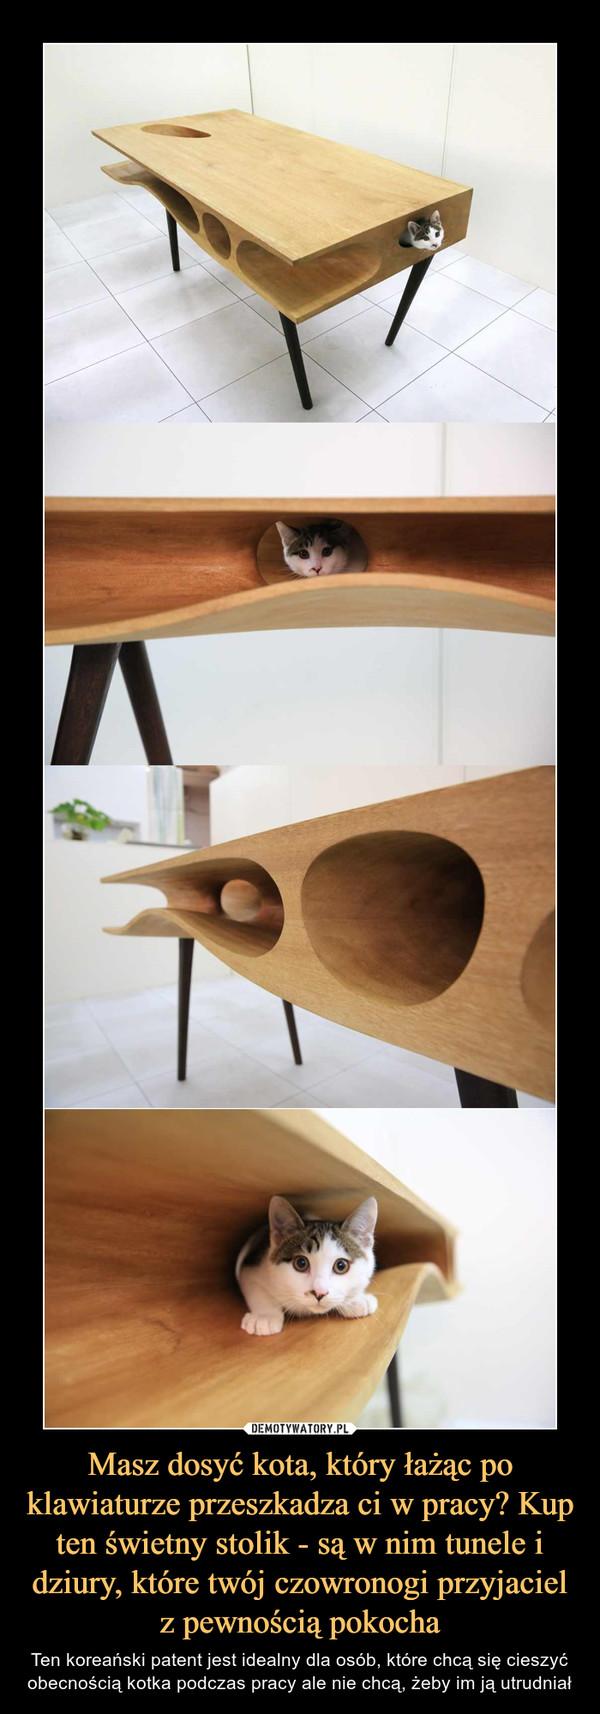 Masz dosyć kota, który łażąc po klawiaturze przeszkadza ci w pracy? Kup ten świetny stolik - są w nim tunele i dziury, które twój czowronogi przyjaciel z pewnością pokocha – Ten koreański patent jest idealny dla osób, które chcą się cieszyć obecnością kotka podczas pracy ale nie chcą, żeby im ją utrudniał